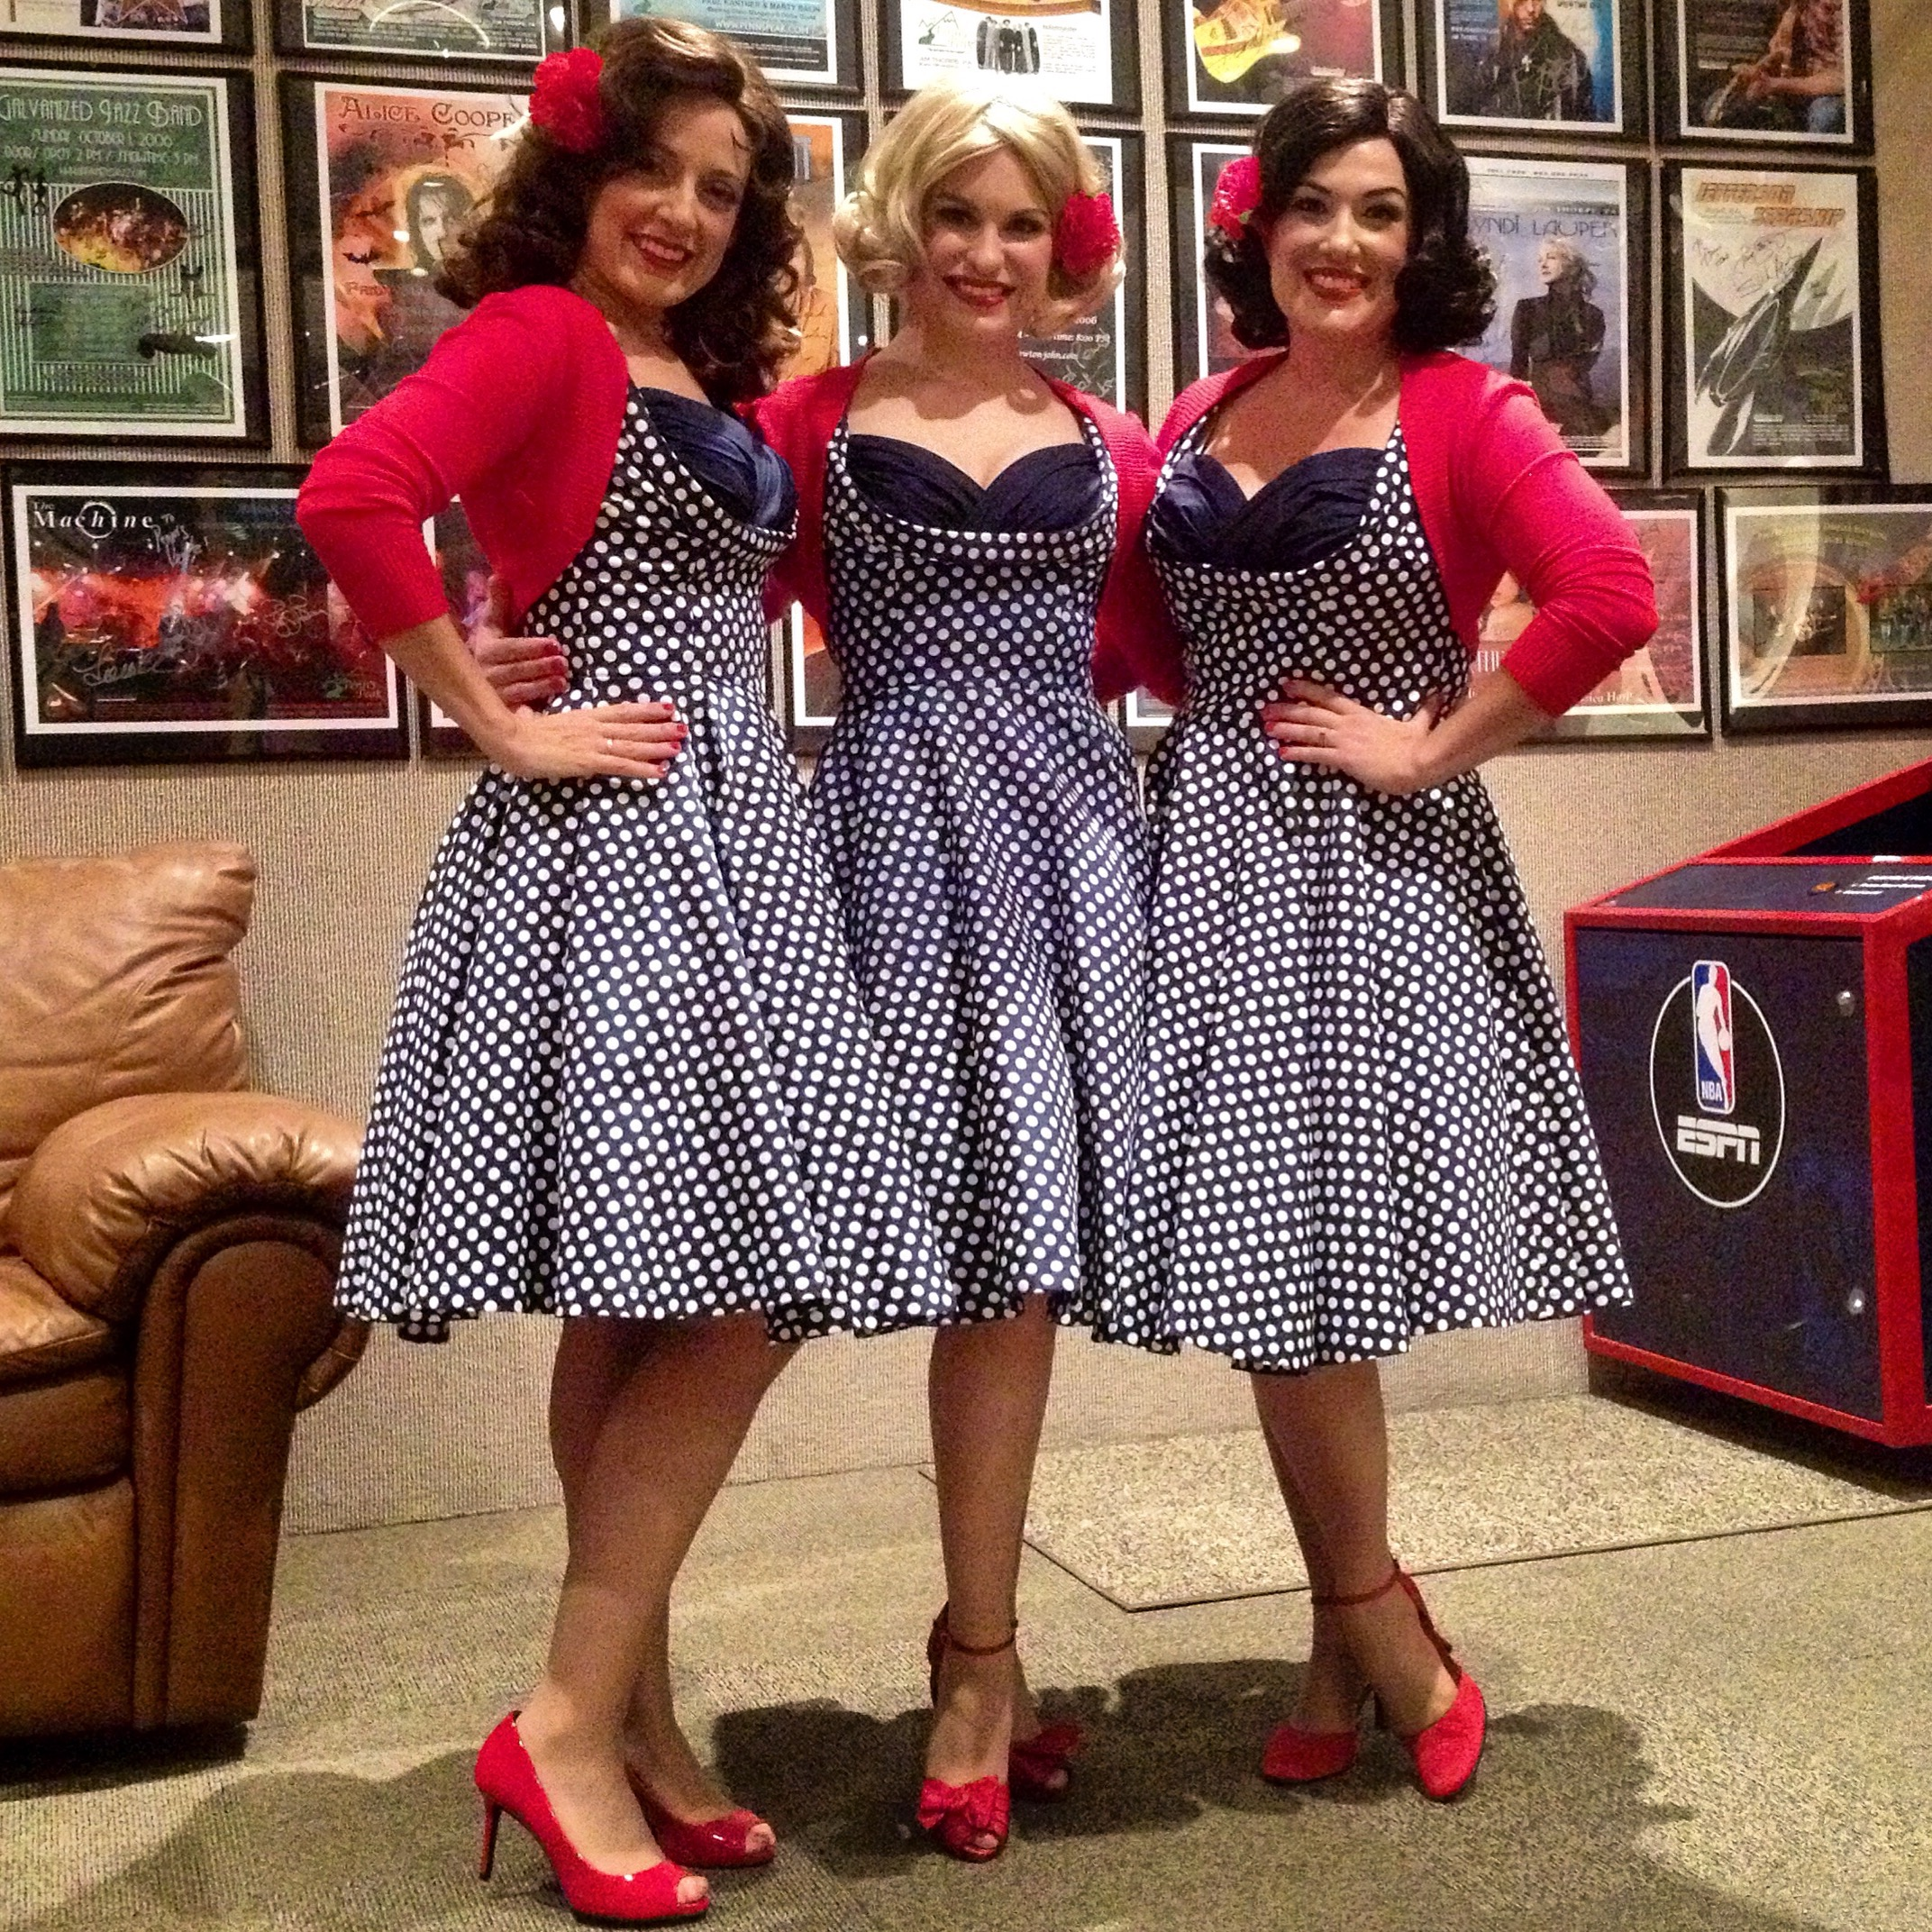 Performing at Penns Peak as The McGuire Sisters